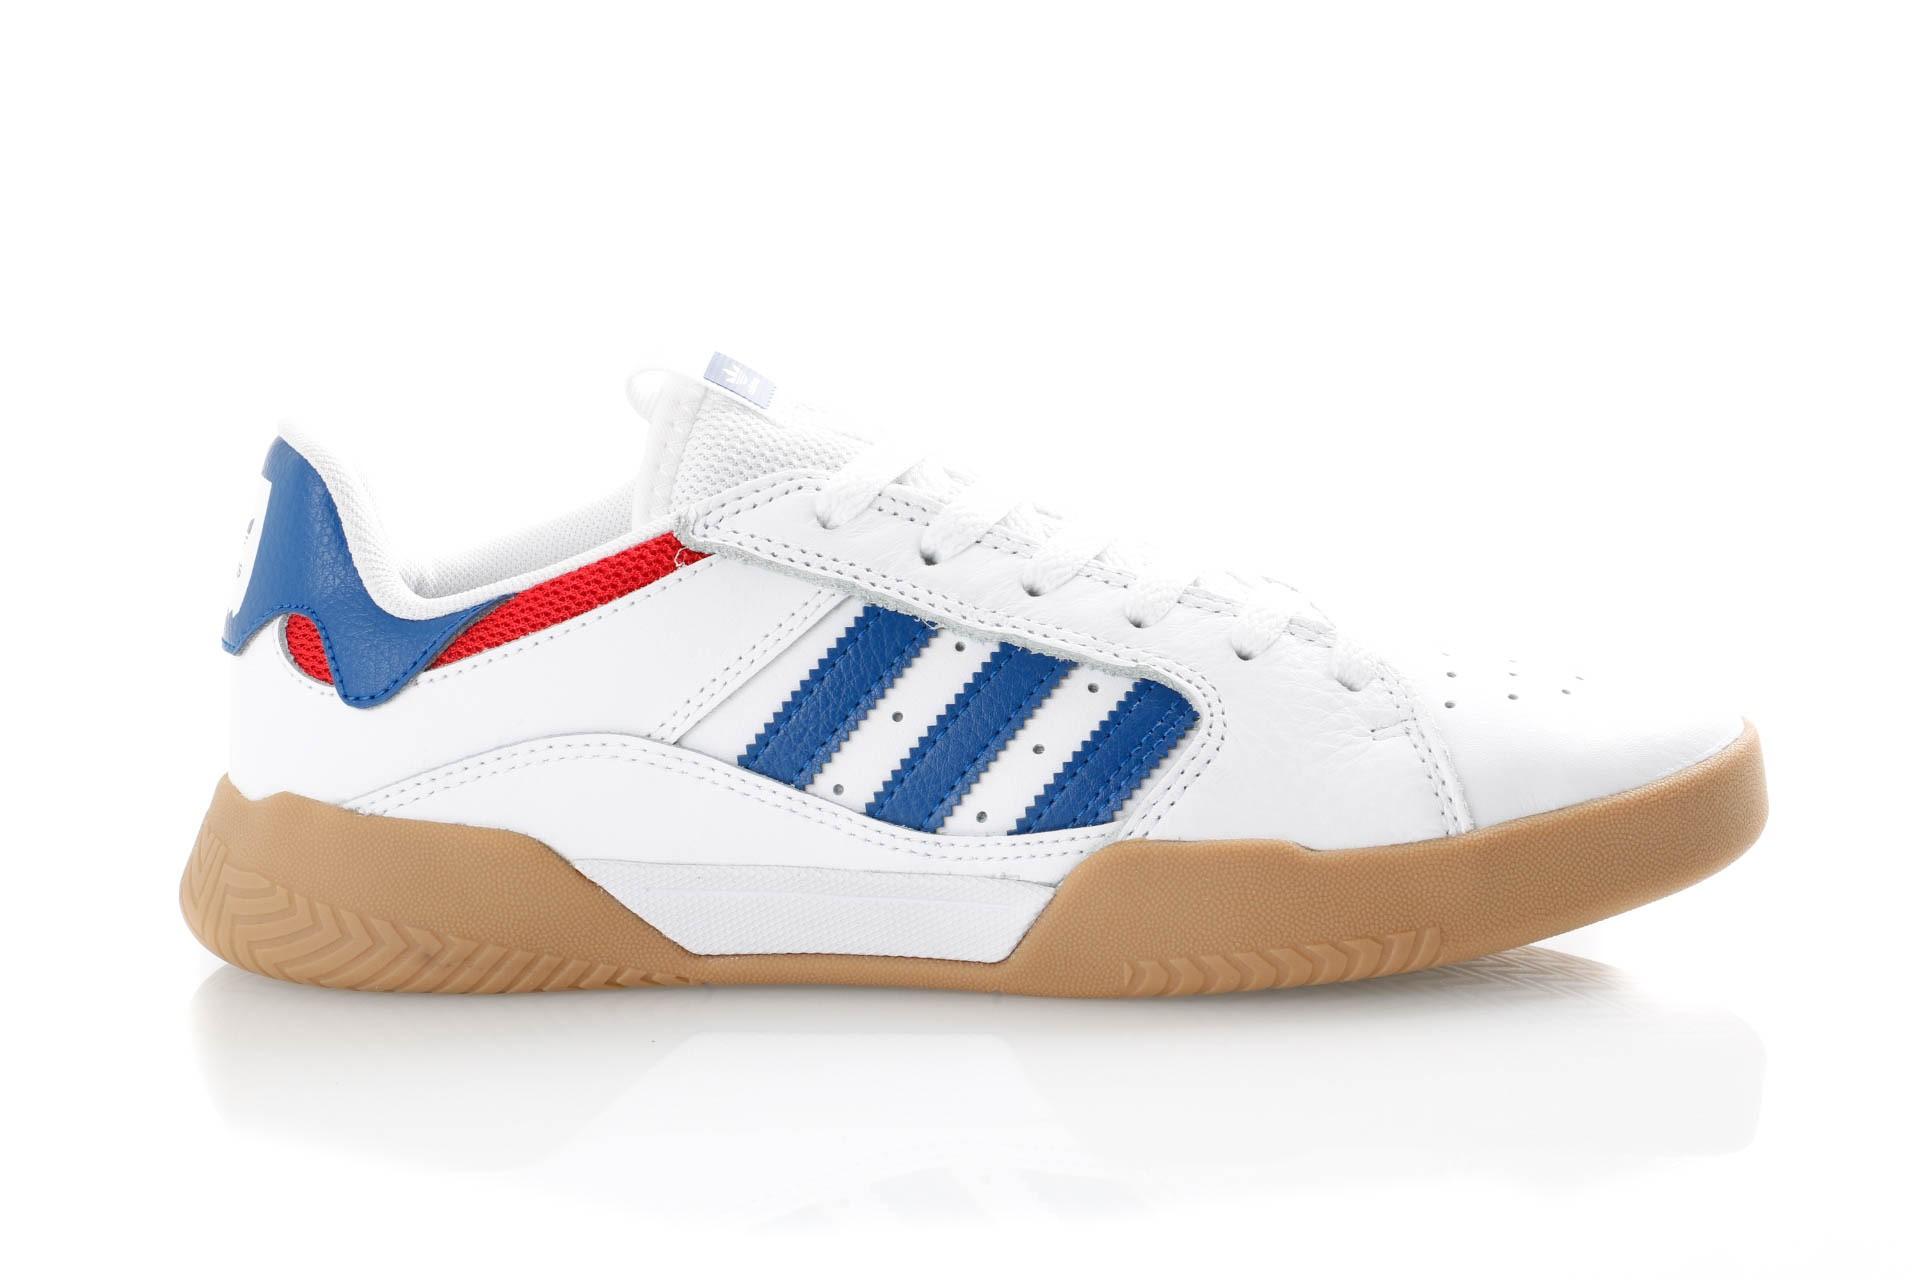 Foto van Adidas Vrx Low Db3178 Sneakers Ftwr White/Collegiate Royal/Scarlet